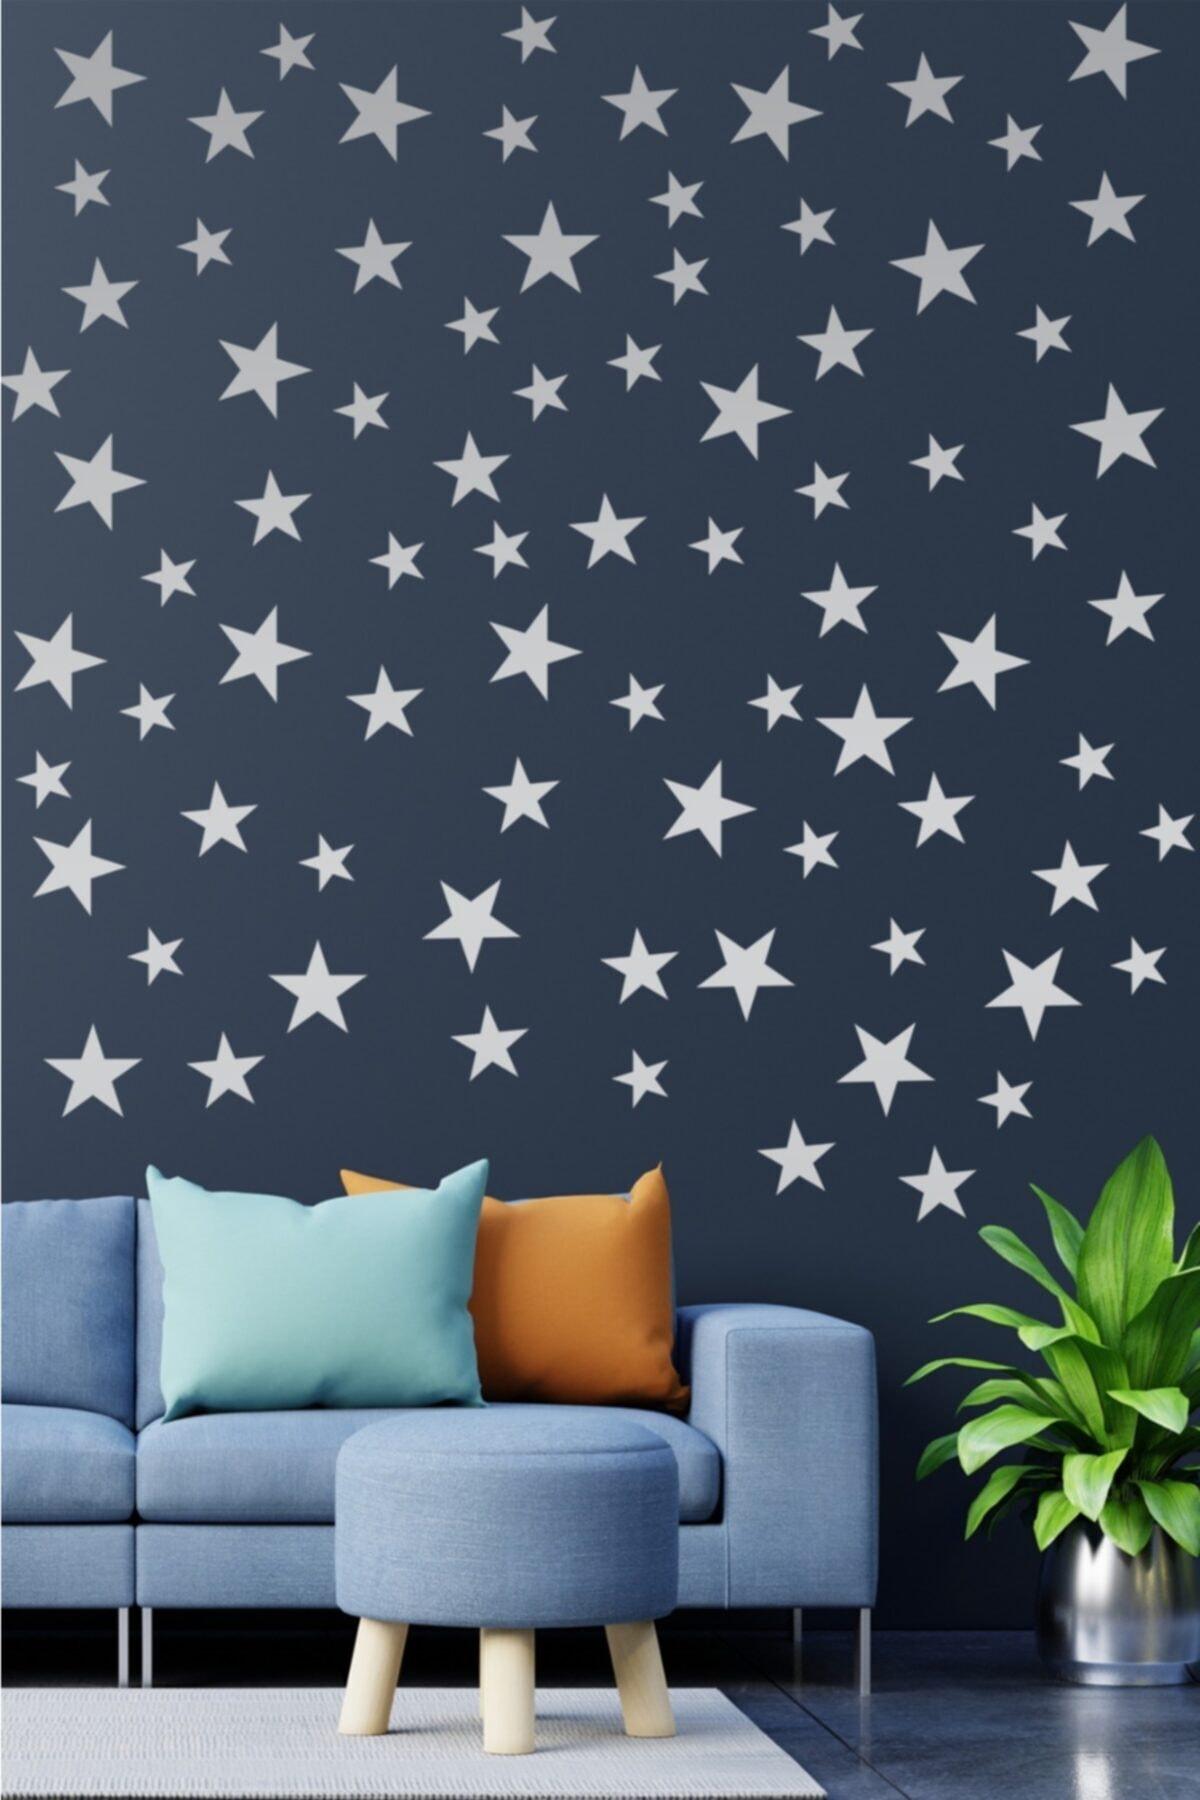 Çocuk Bebek Odası 100 Adet Metalize Gümüş Rengi Yıldız Dekoratif Duvar Sticker